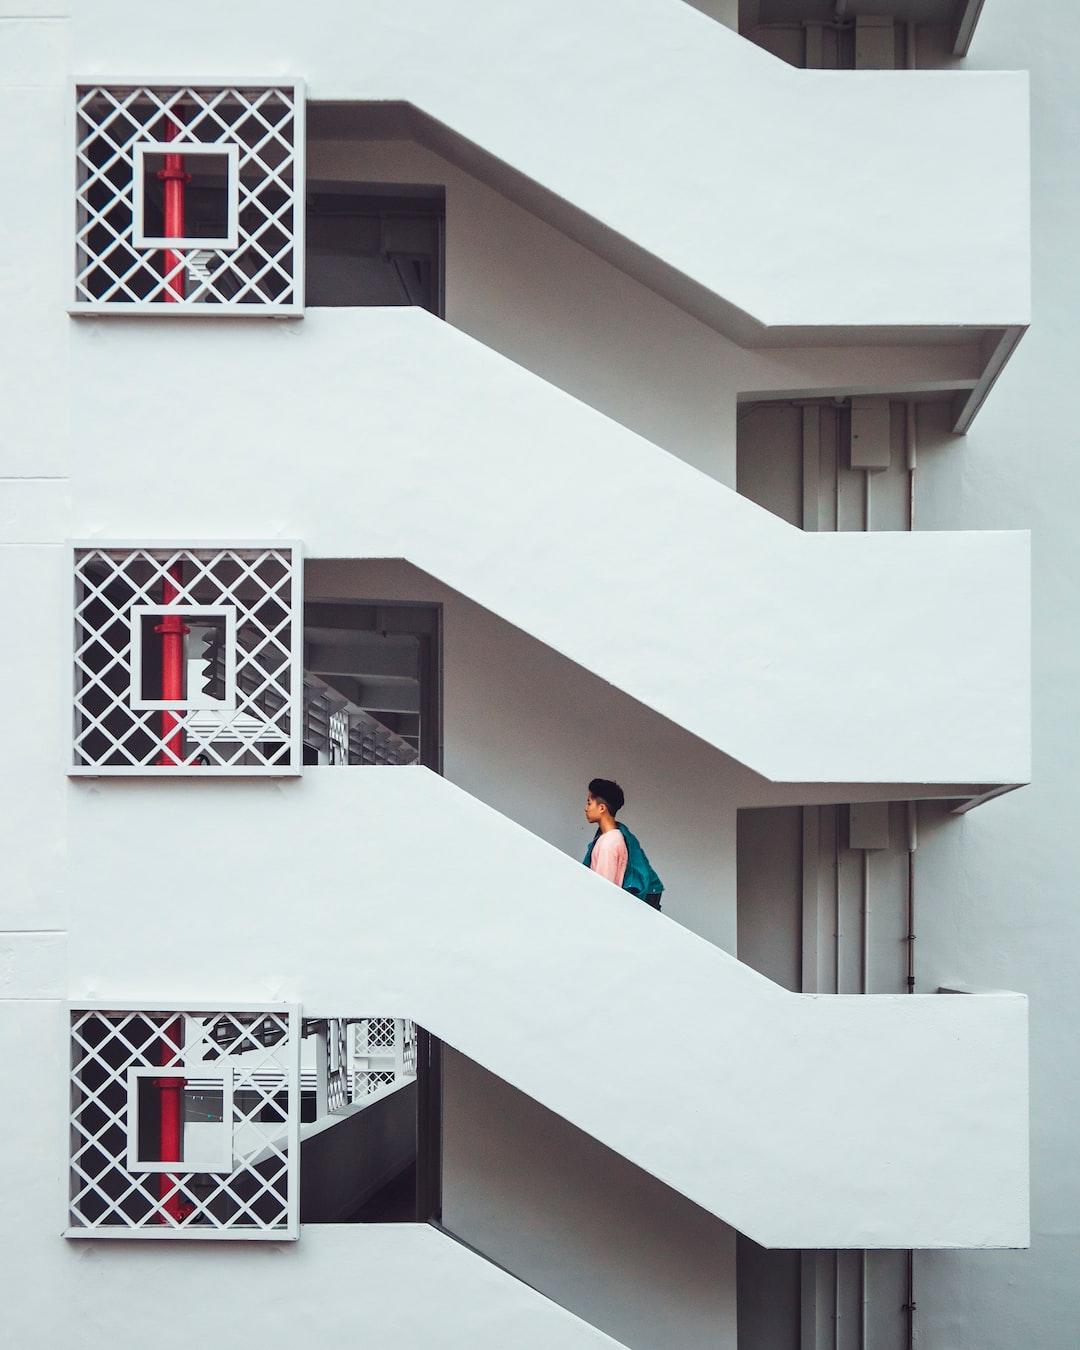 Ascending social ladders